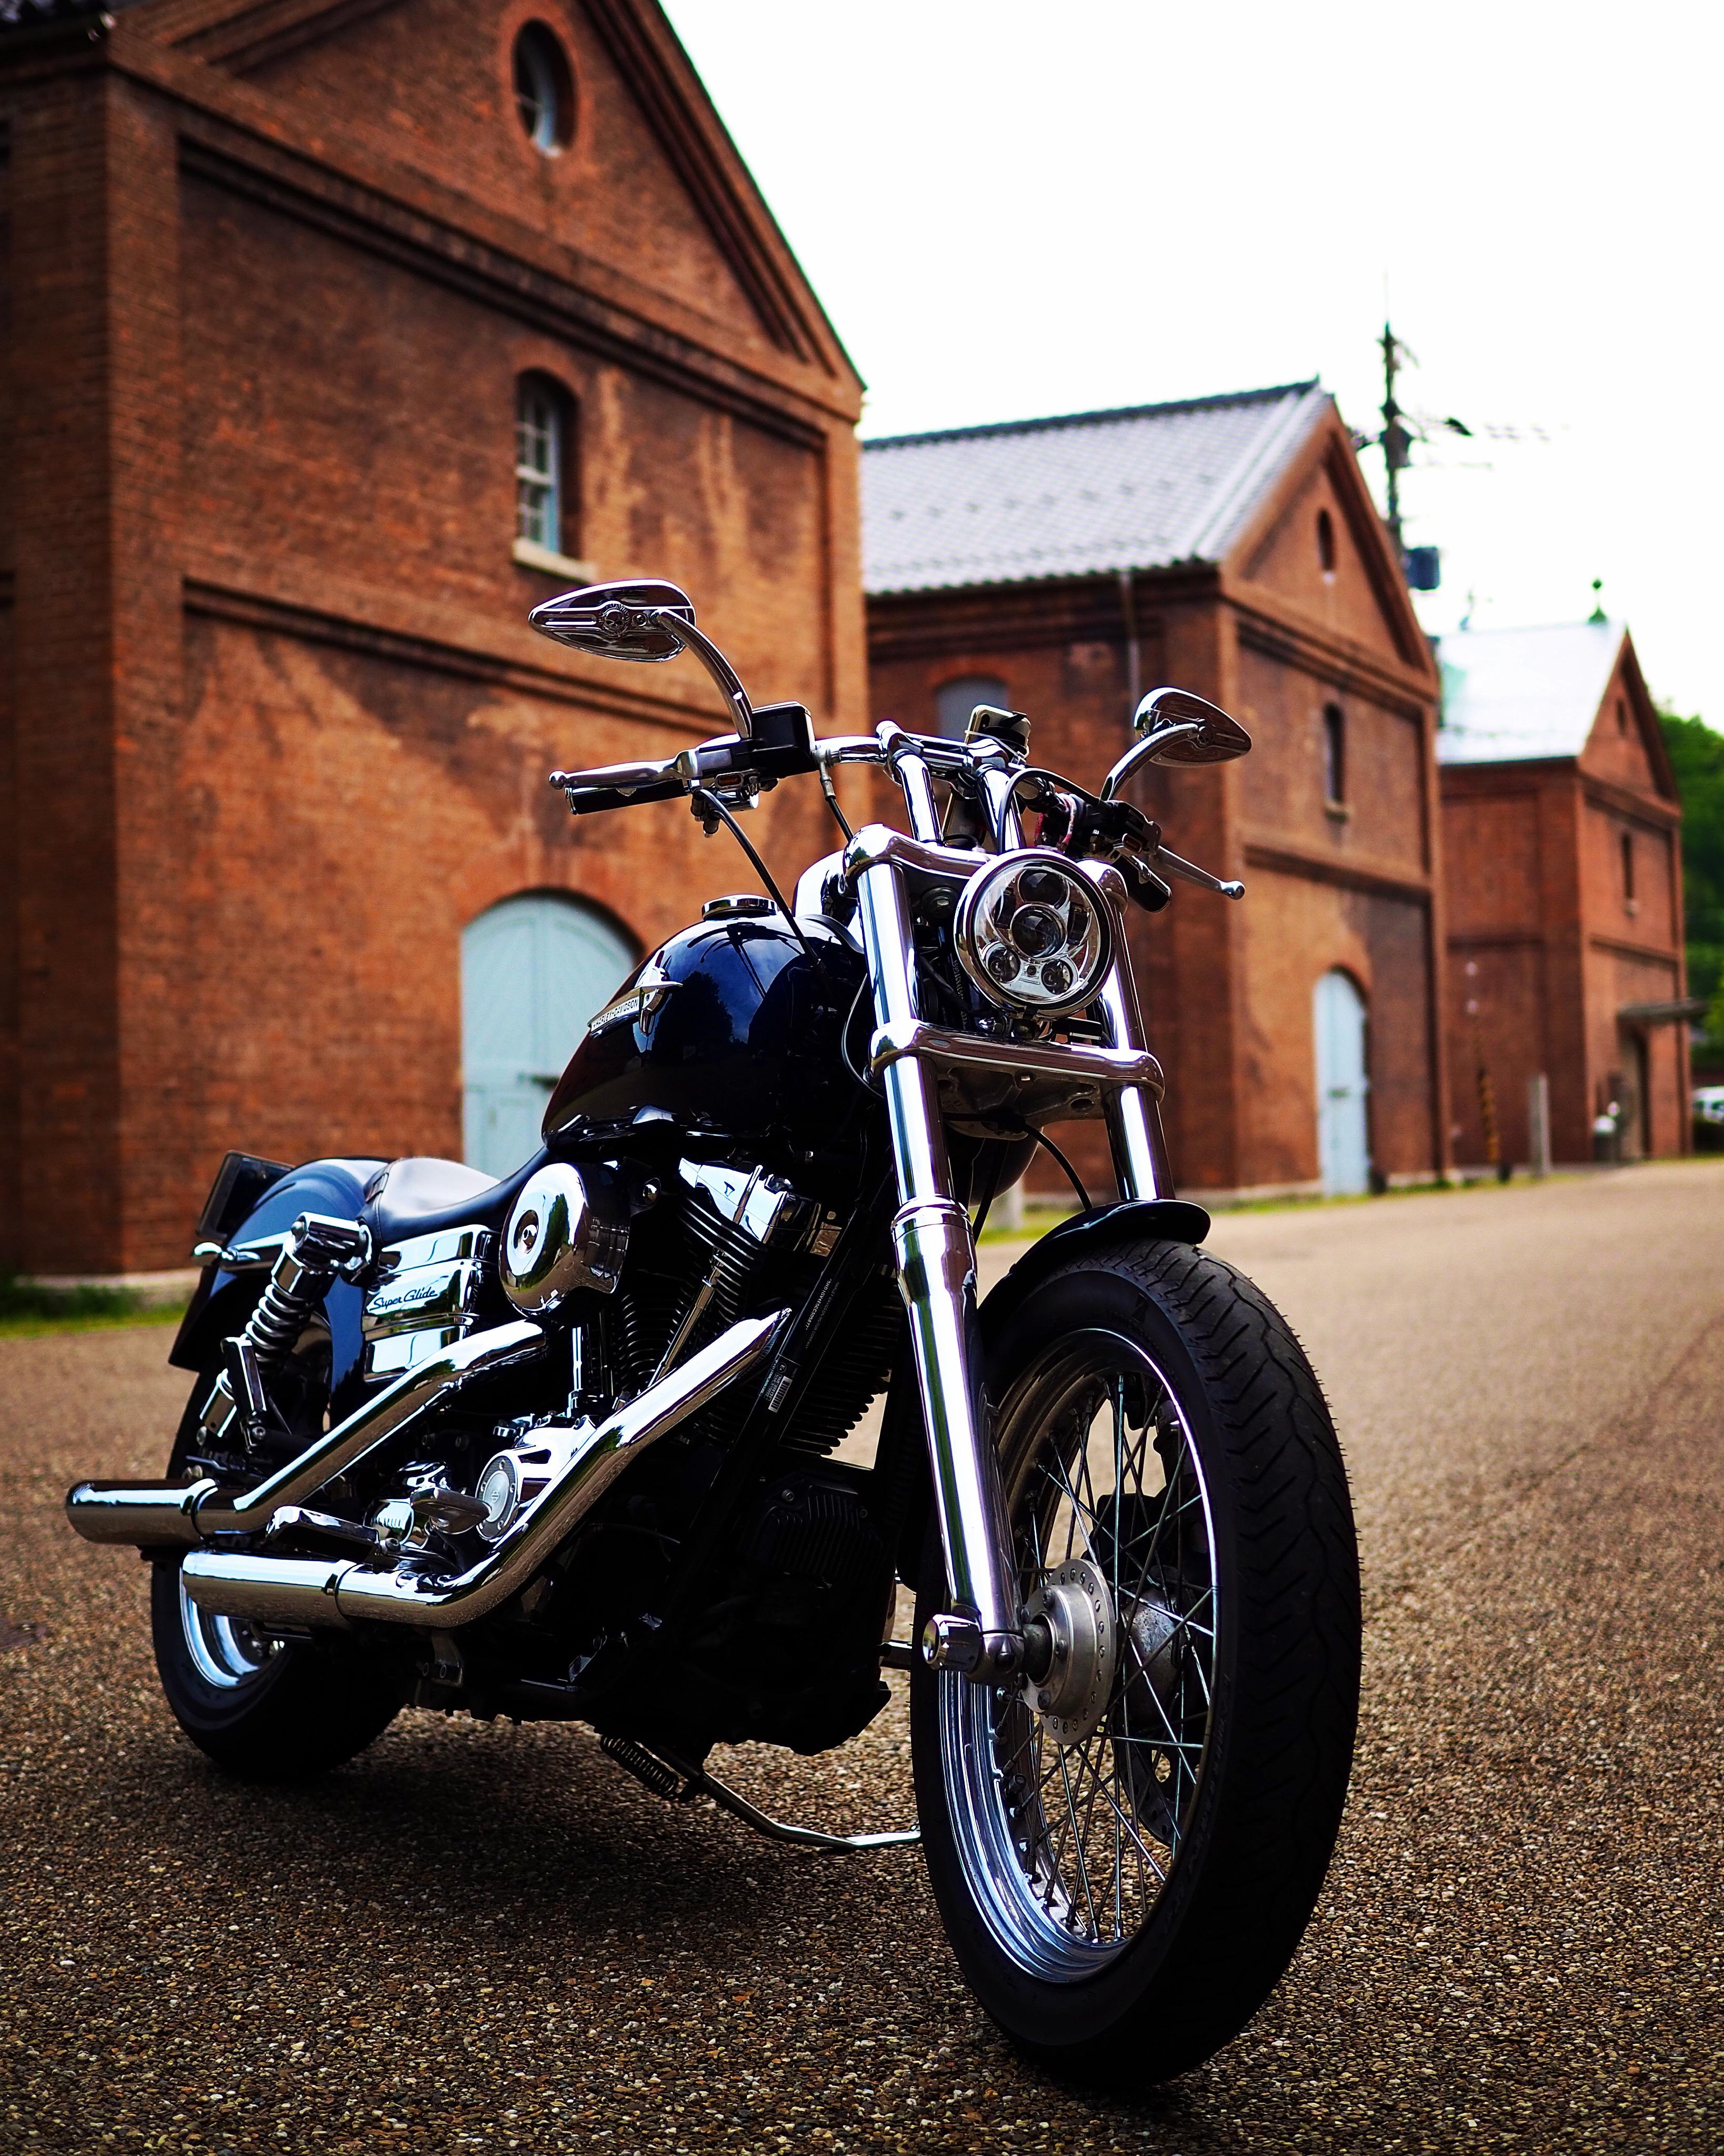 舞鶴ツーリング 舞鶴赤レンガパーク レトロ ハーレー バイク